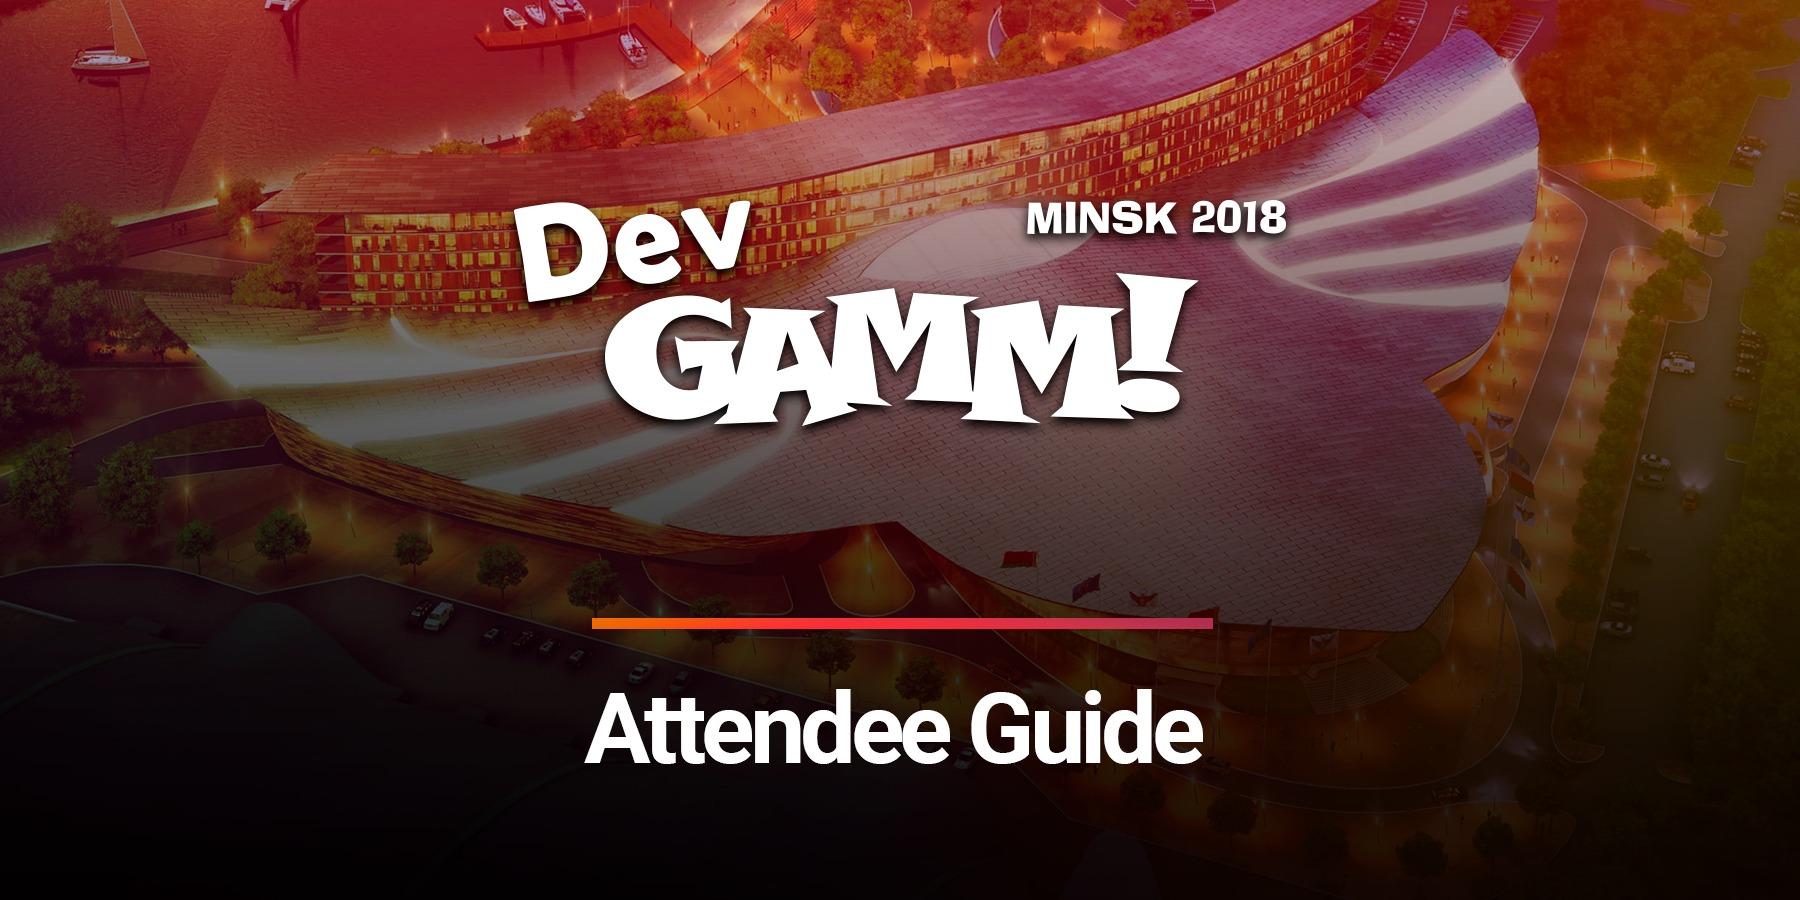 Attendee Guide for DevGAMM Minsk 2018